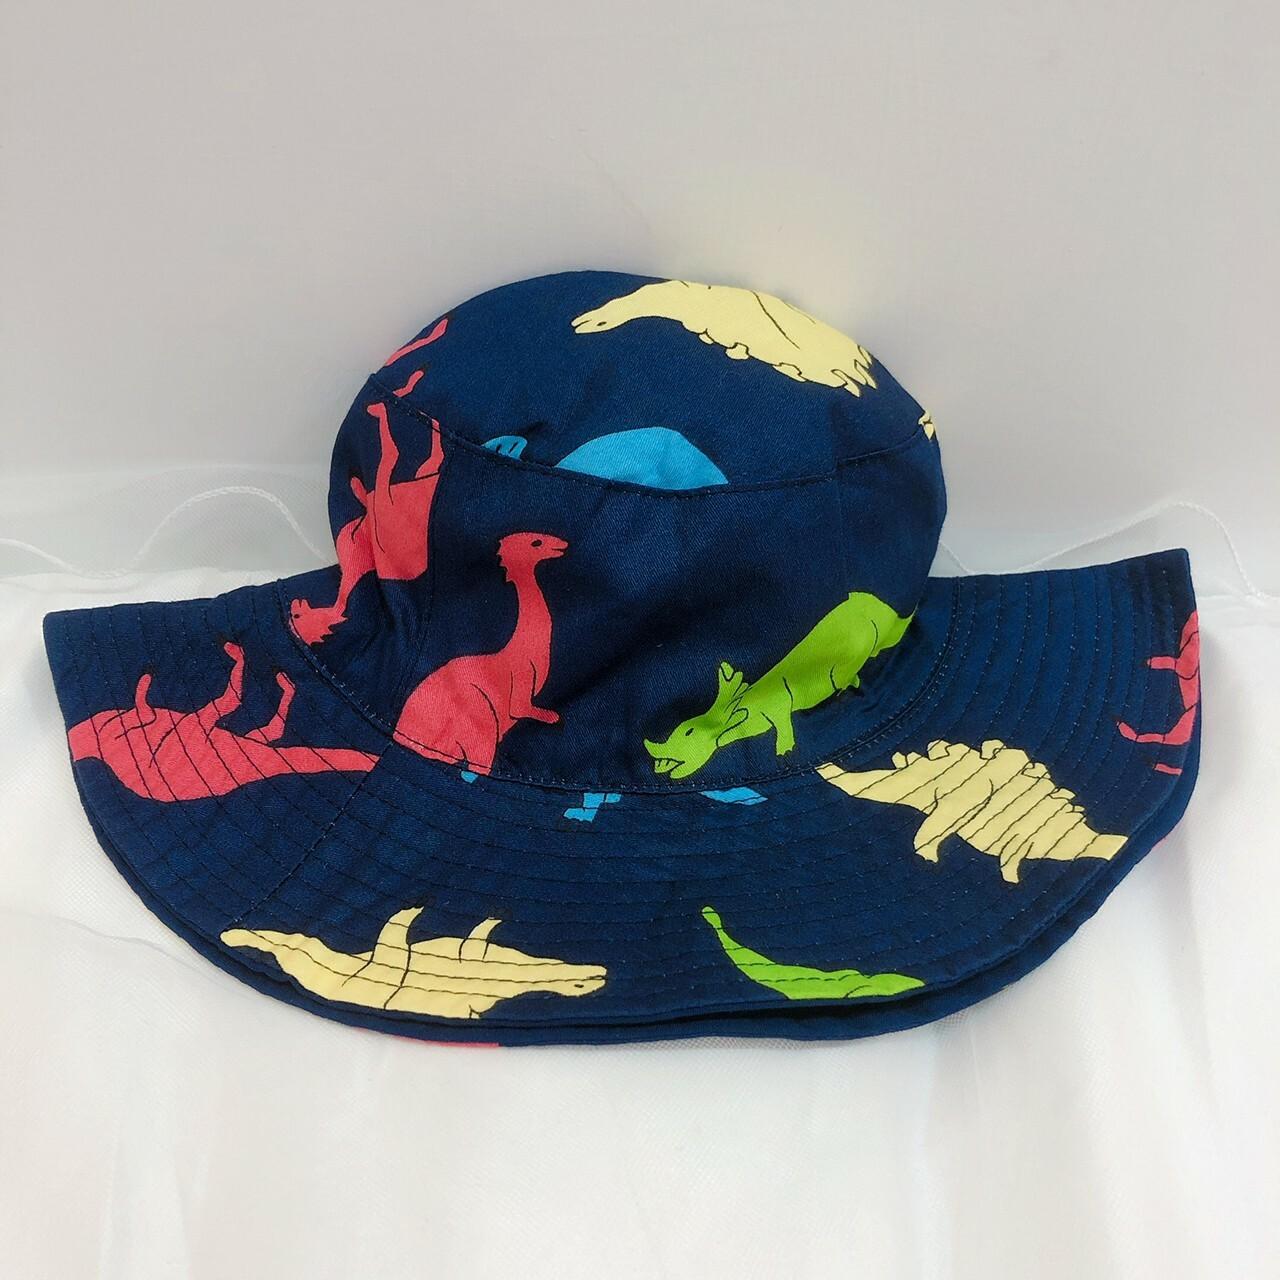 成泰0512(帽子、包)_210517_2.jpg